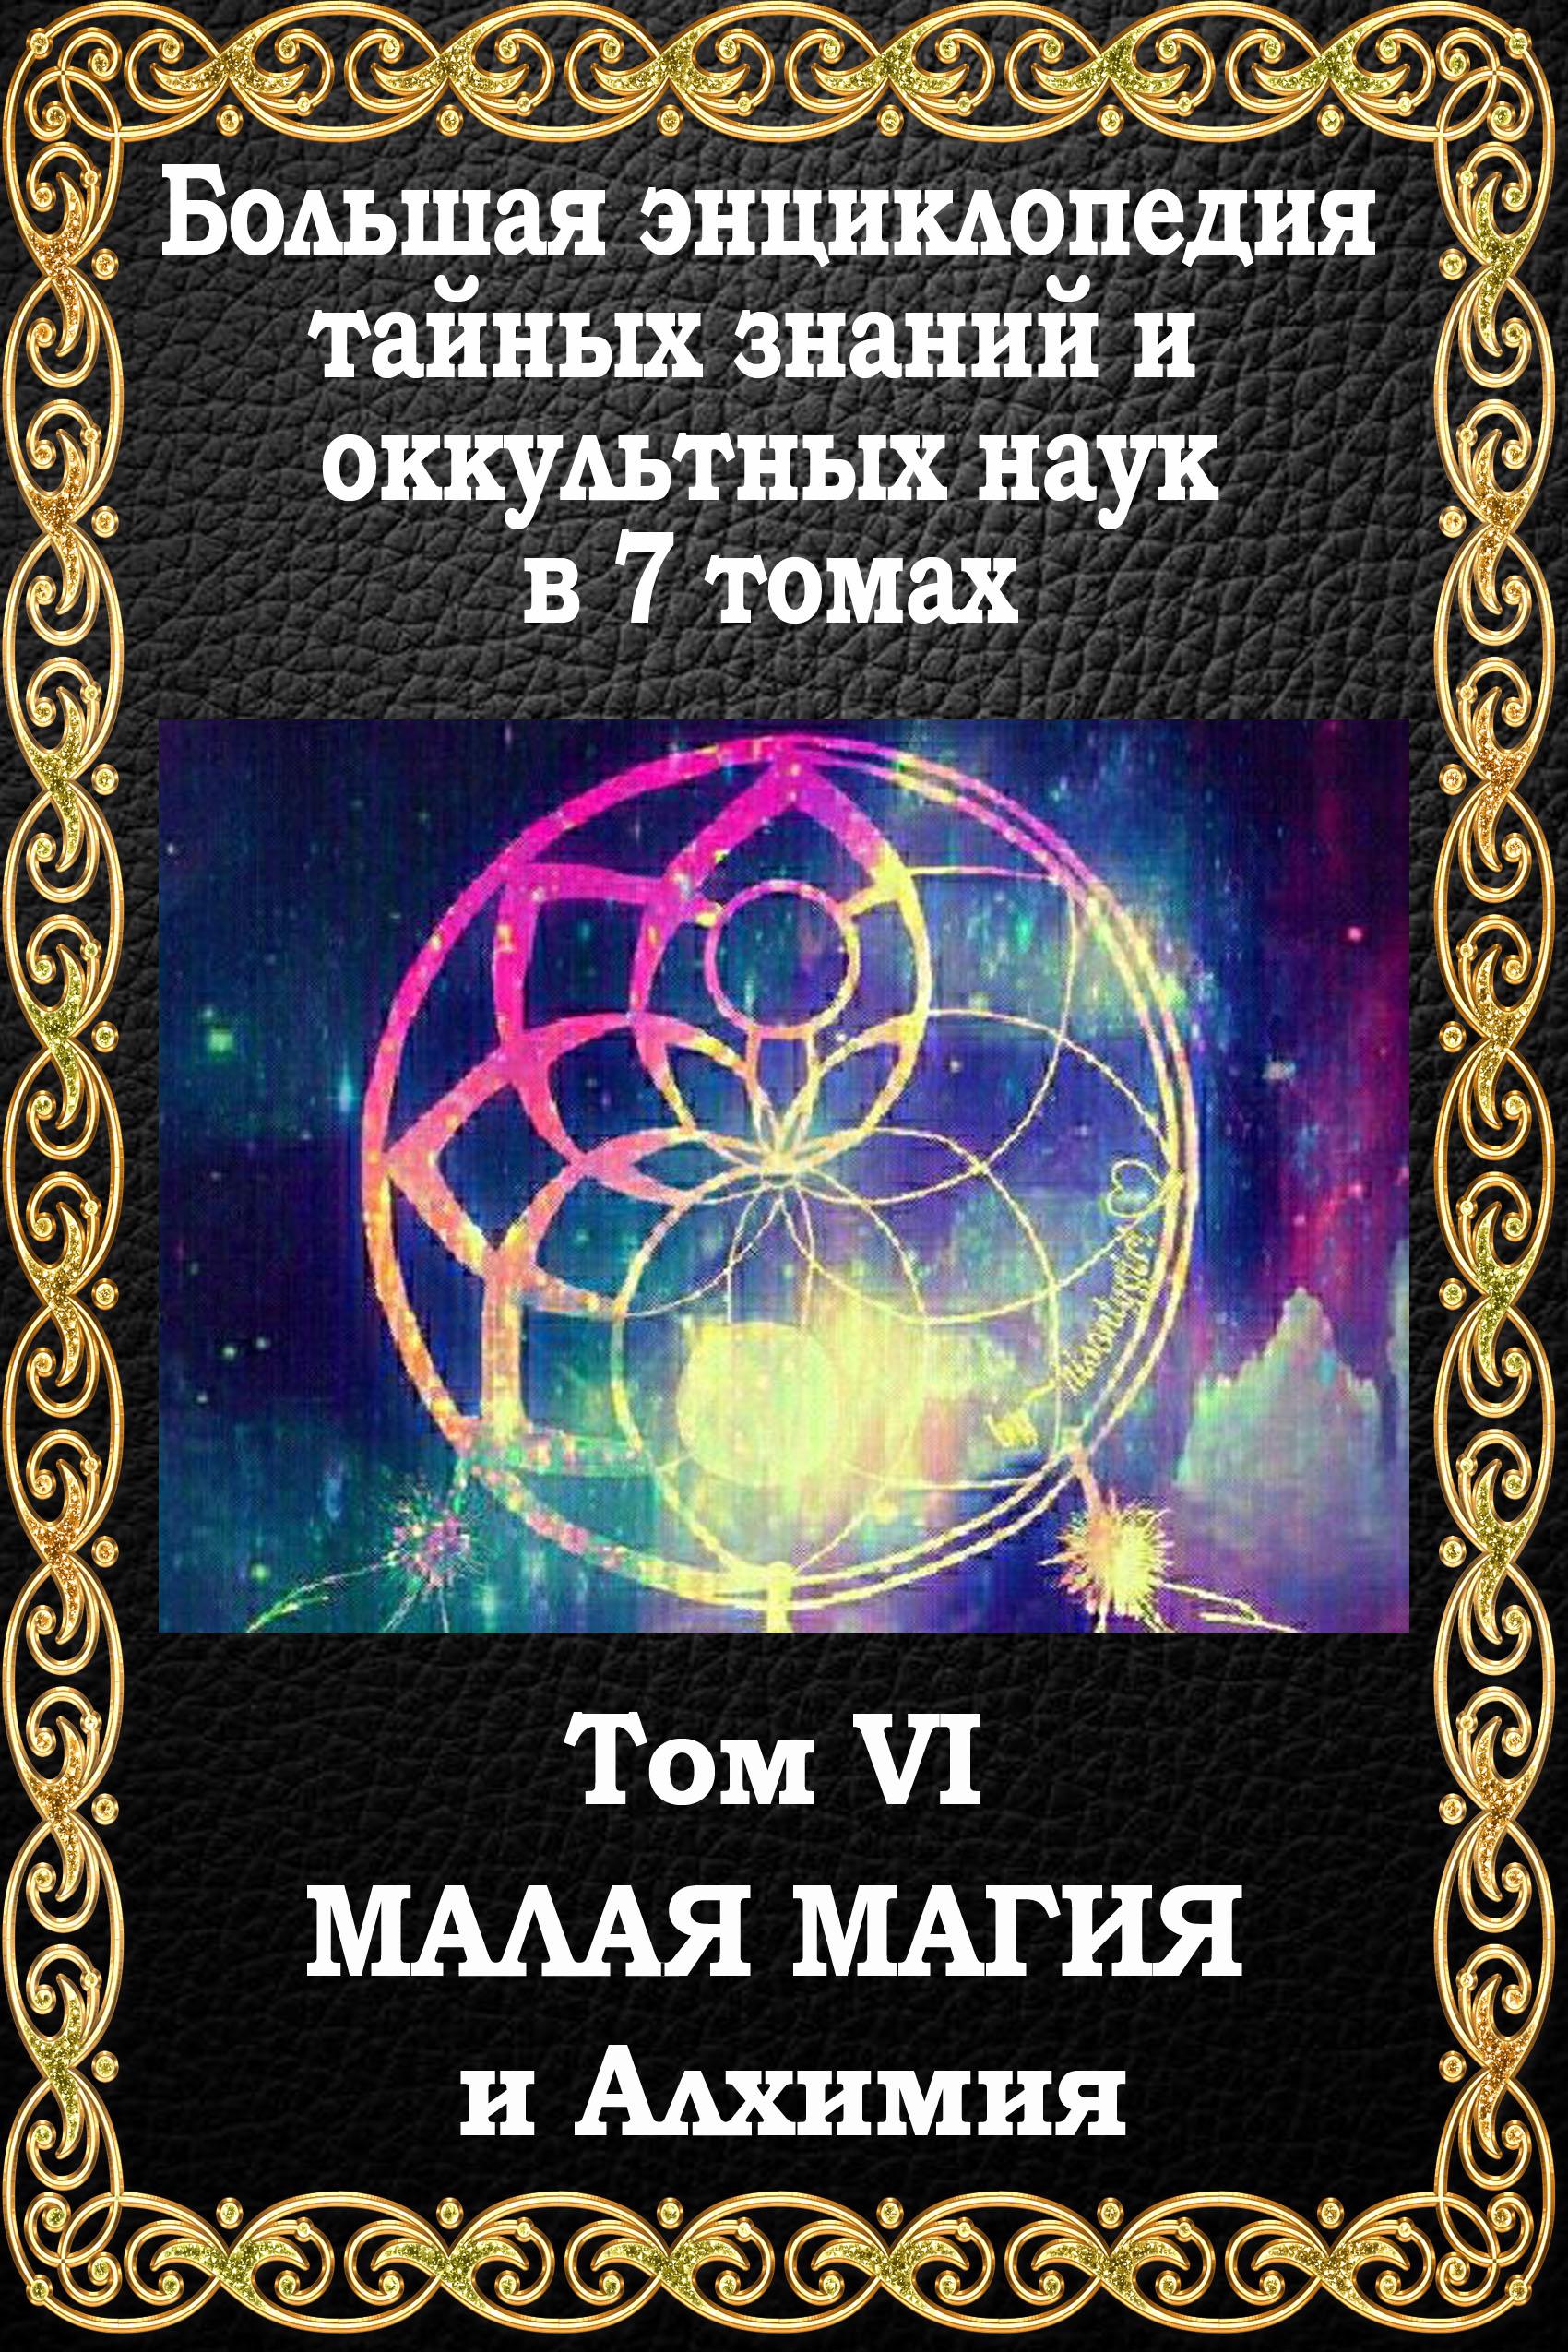 Оккультизм это: общее название для множества учений в мистике